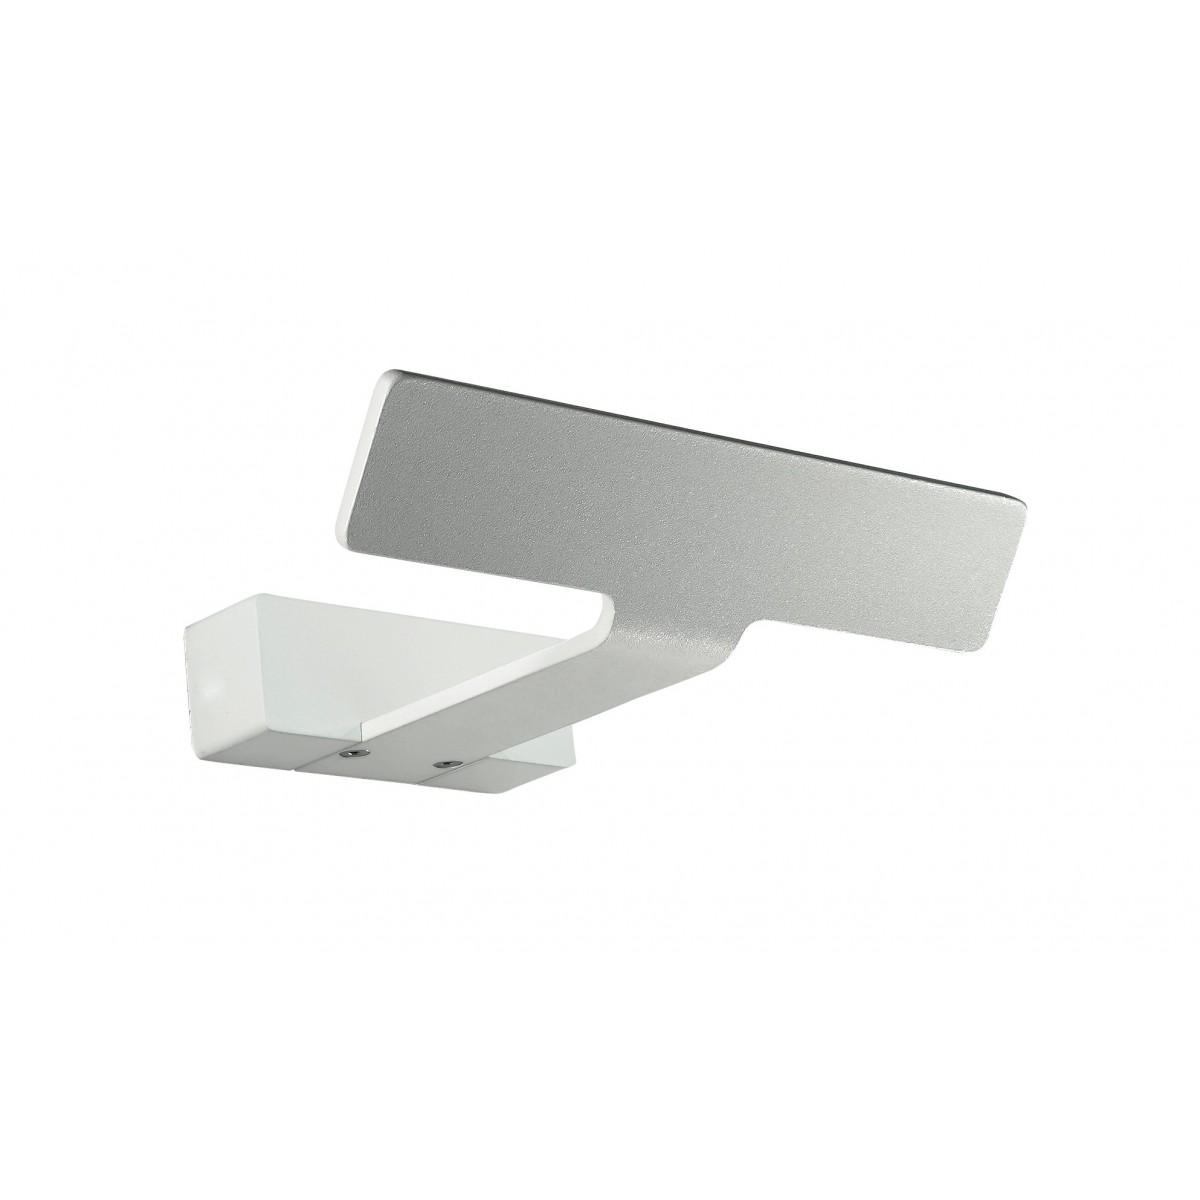 LED-W-PEGASO/4W - Applique bianca dalla